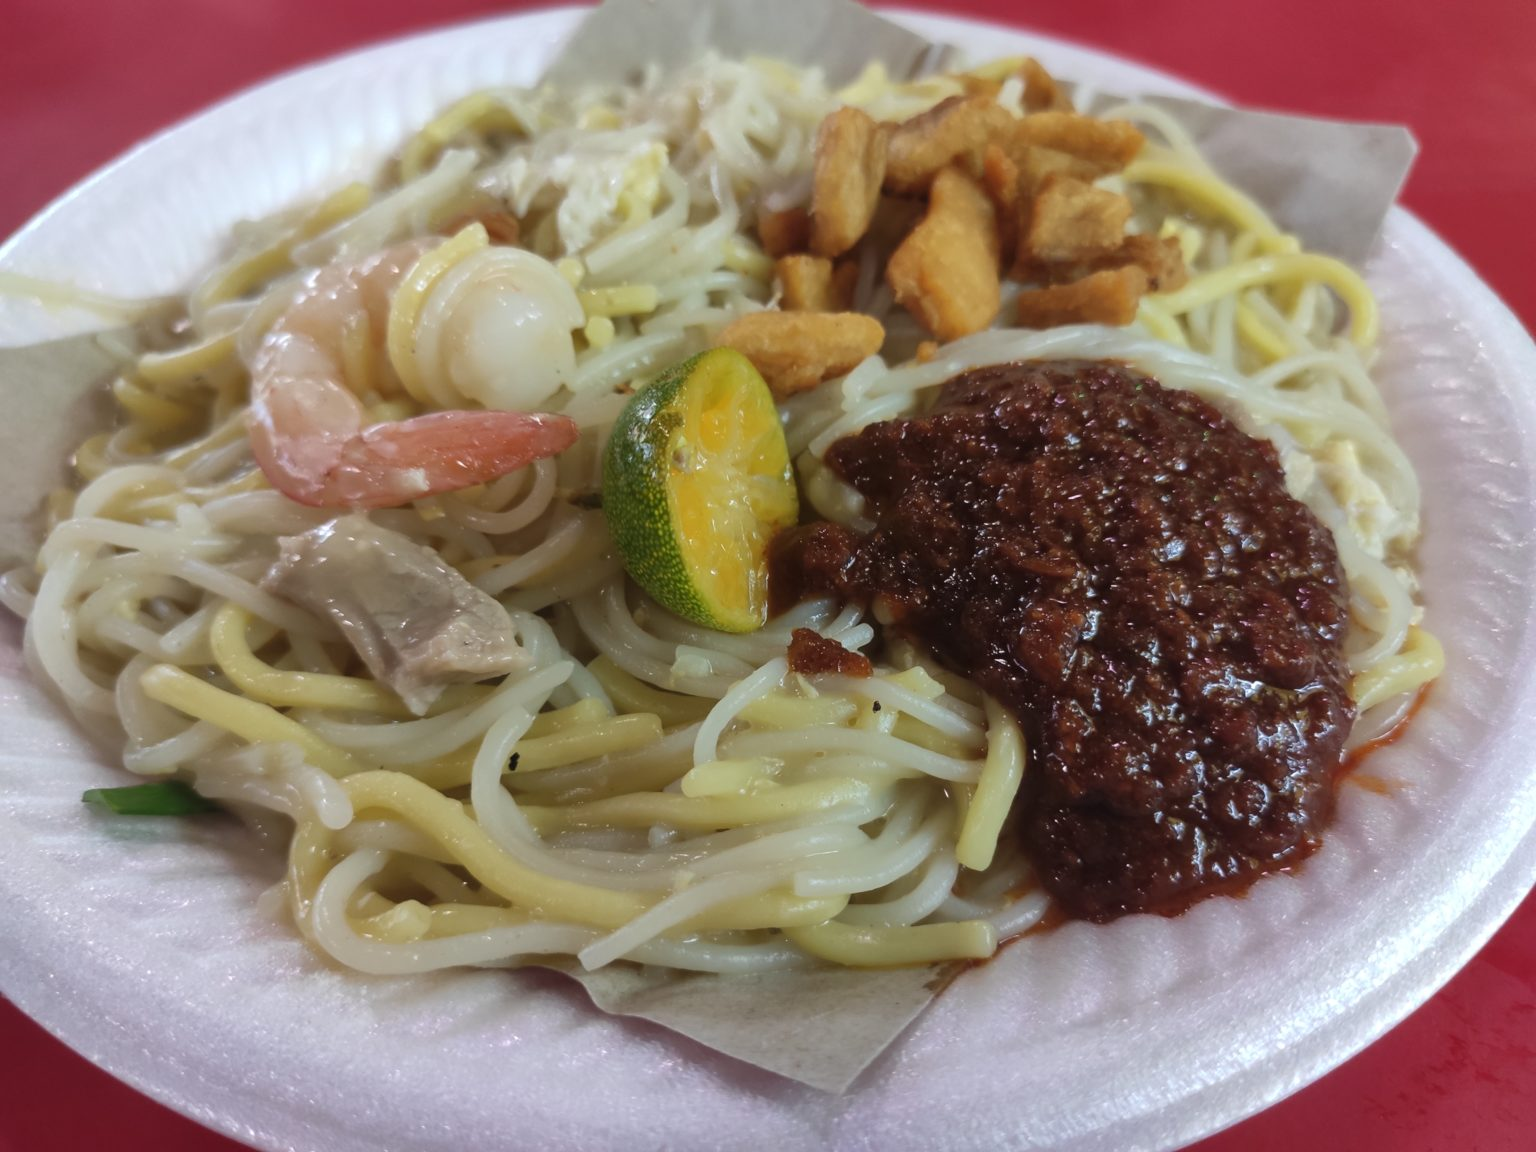 Review: Xing Ji Fried Hokkien Prawn Noodle (Singapore)